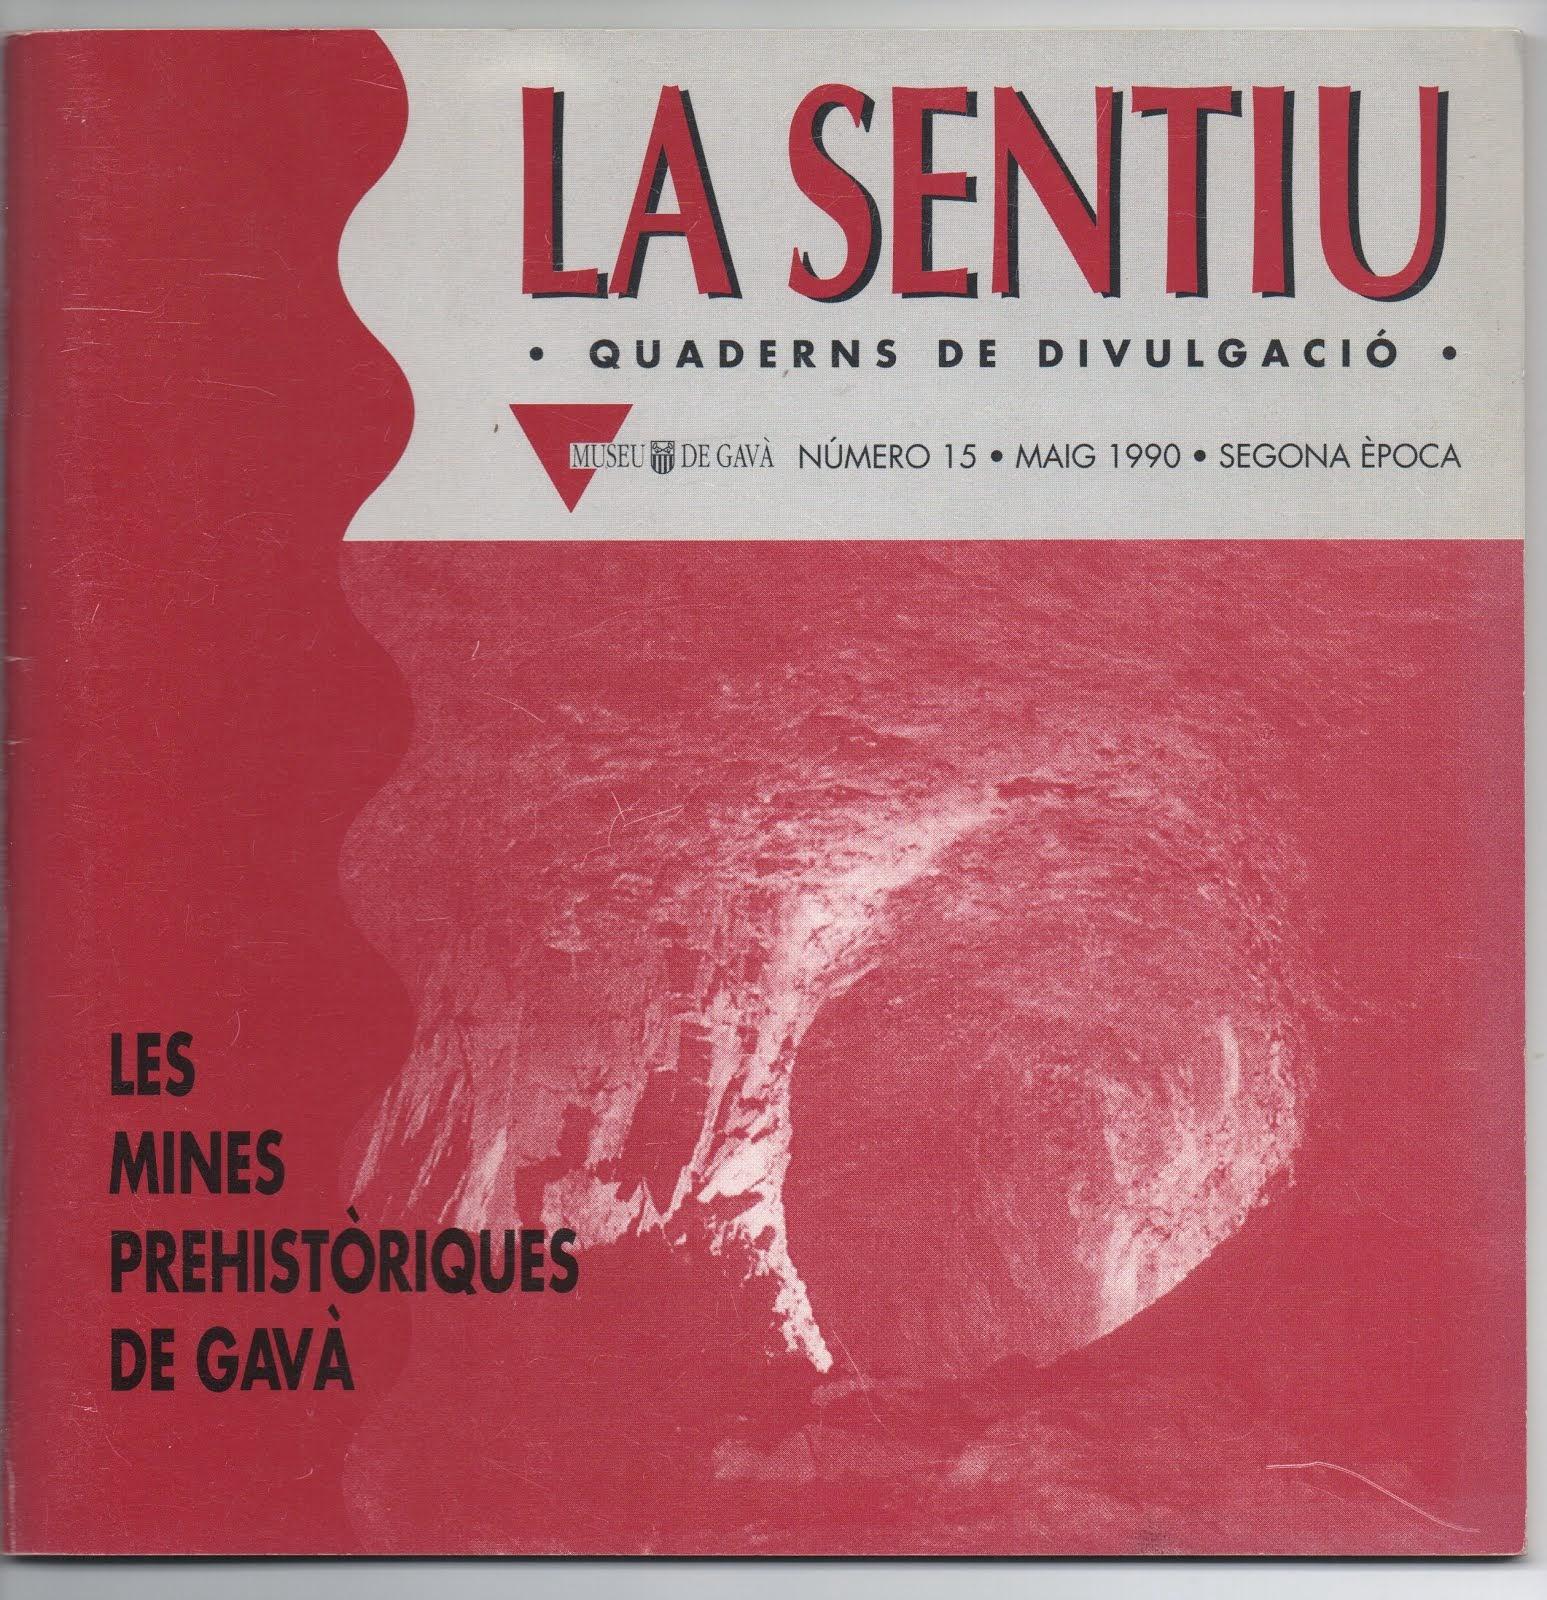 Les Mines Prehistòriques de Gavà, Una introducció al neolític català